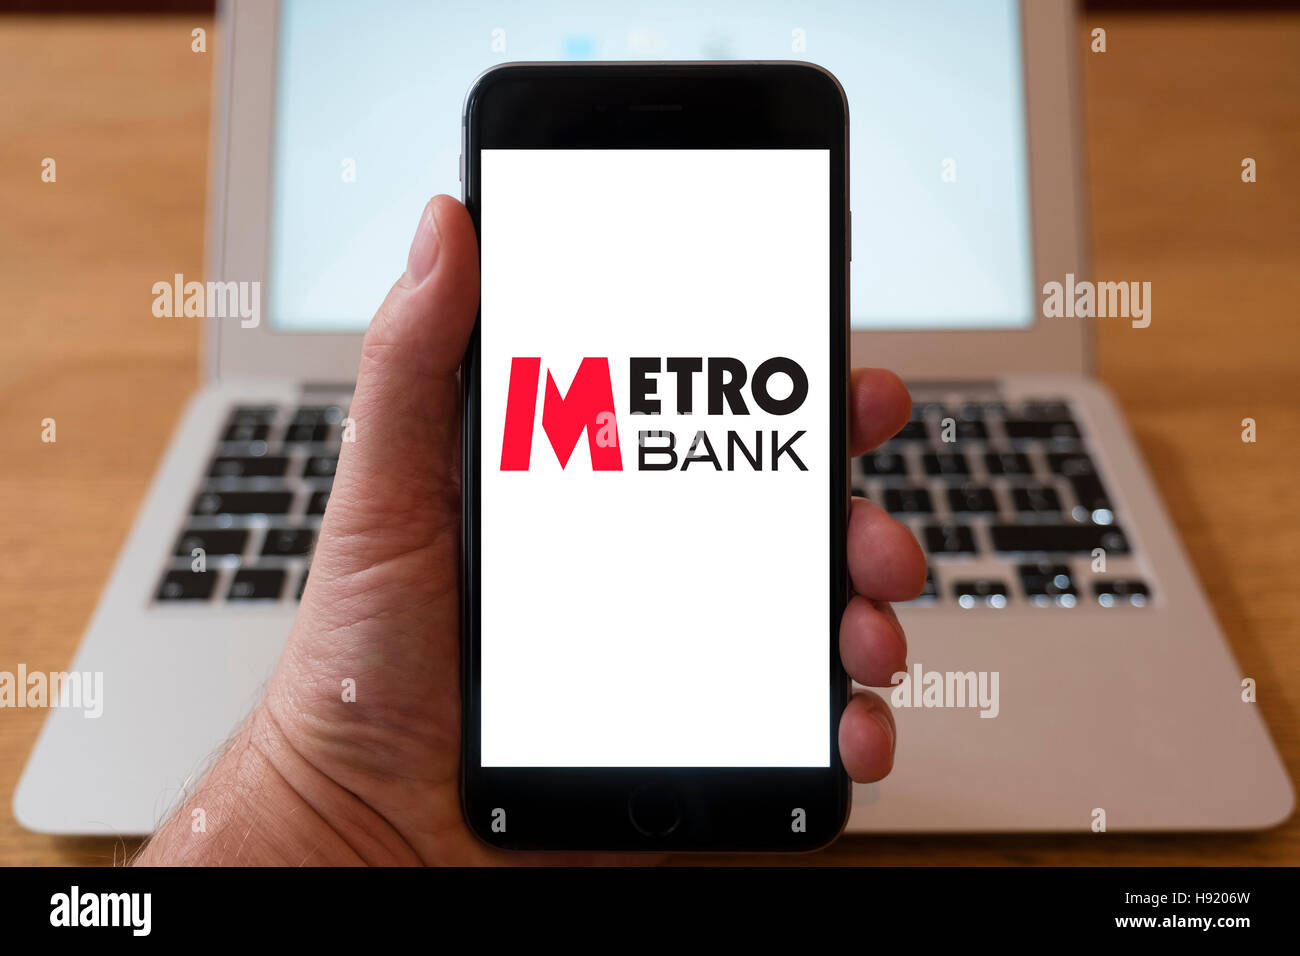 Using iPhone smart phone to display website logo of Metro Bank UK retail Bank - Stock Image